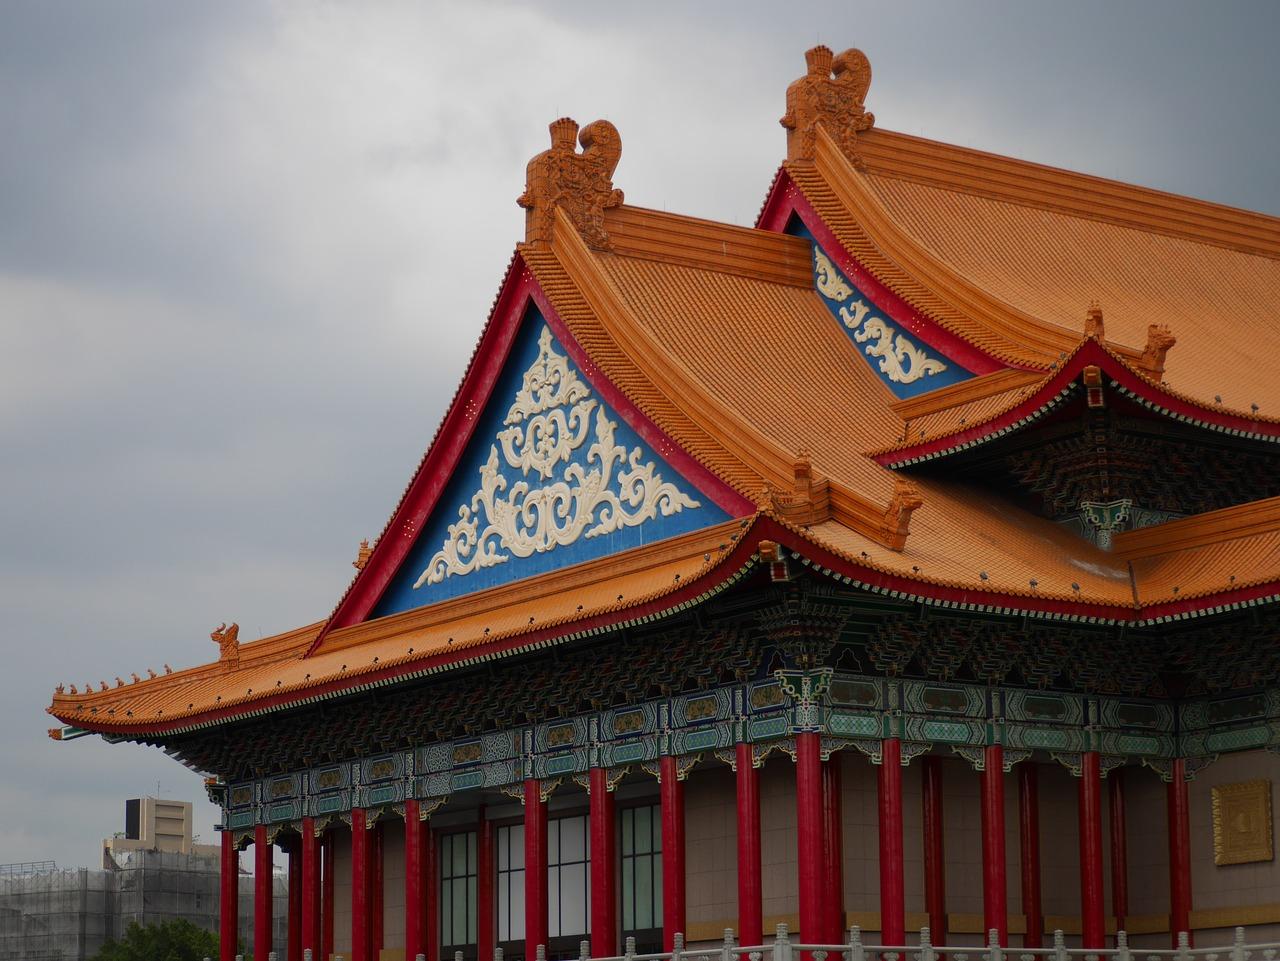 天津屋顶膜结构建筑_潍坊地区有品质的屋顶膜结构建筑... _移动站